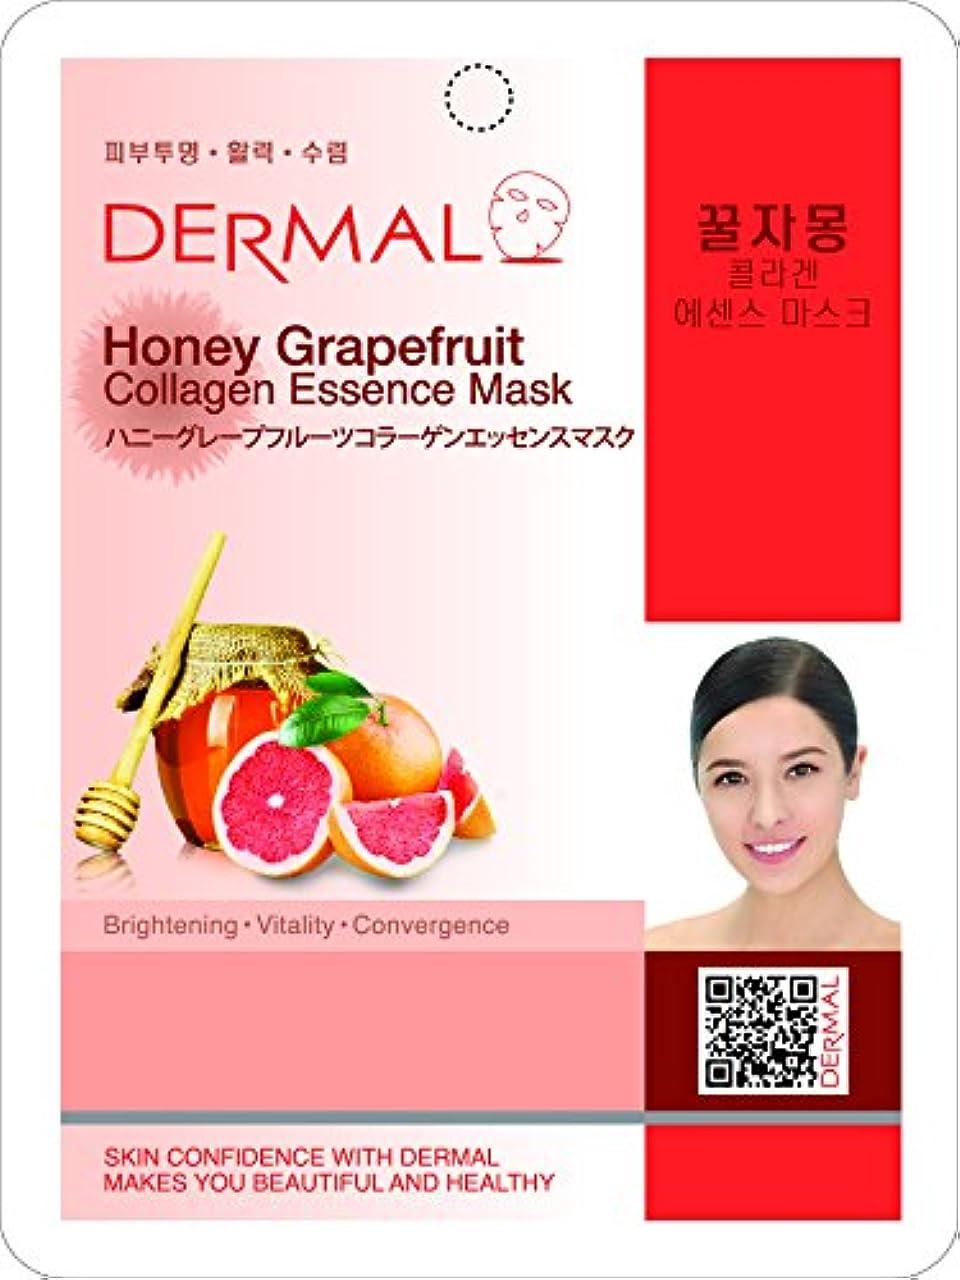 フレッシュ回る規制するハニーグレープフルーツシートマスク(フェイスパック) 10枚セット ダーマル(Dermal)